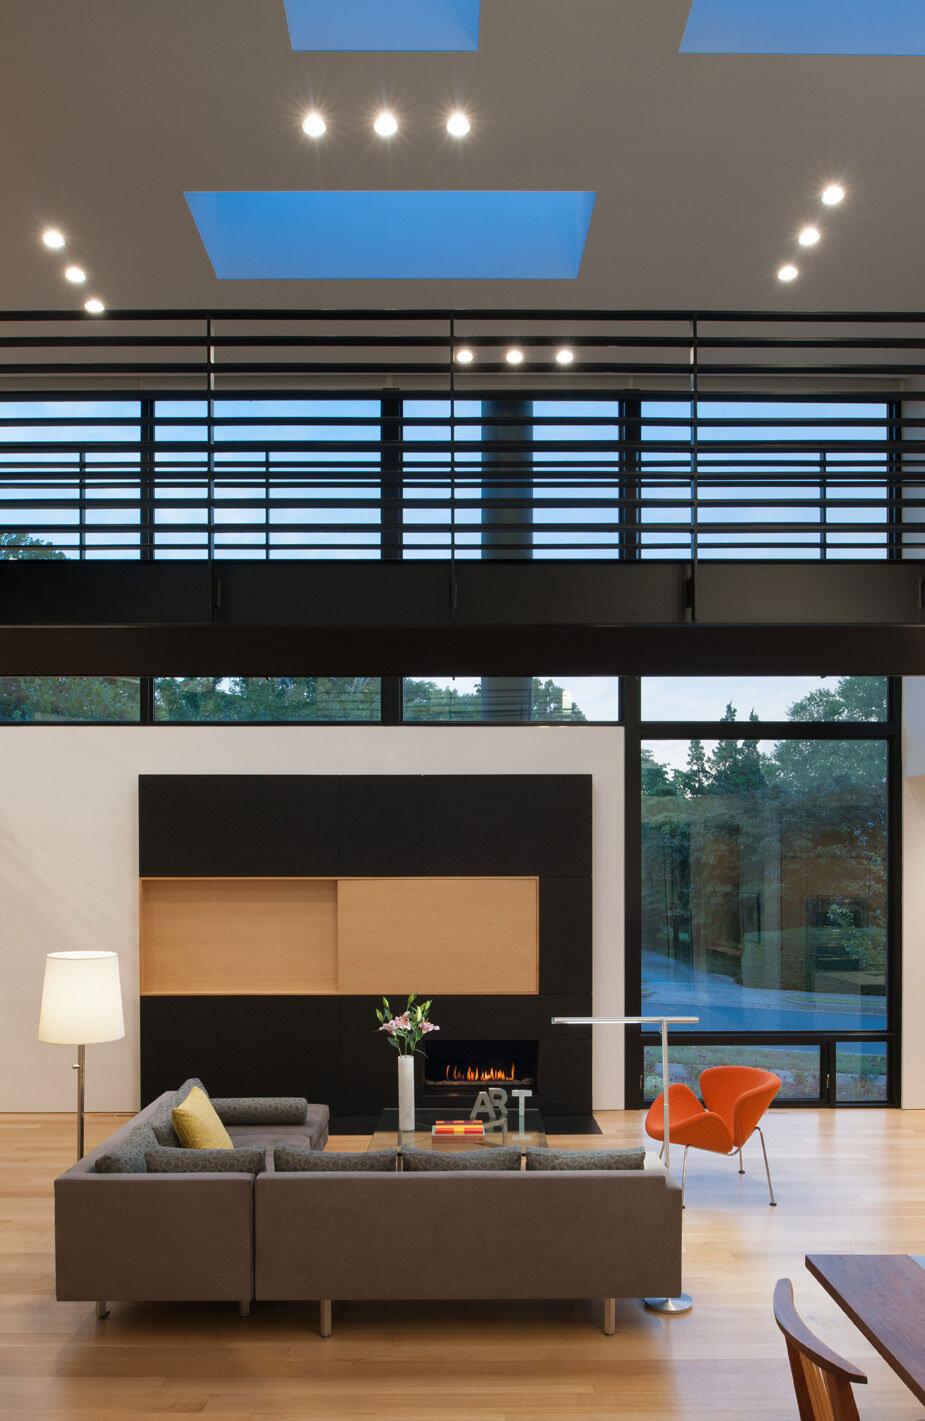 komai residence robert gurney architect komai residence robert gurney architect 3